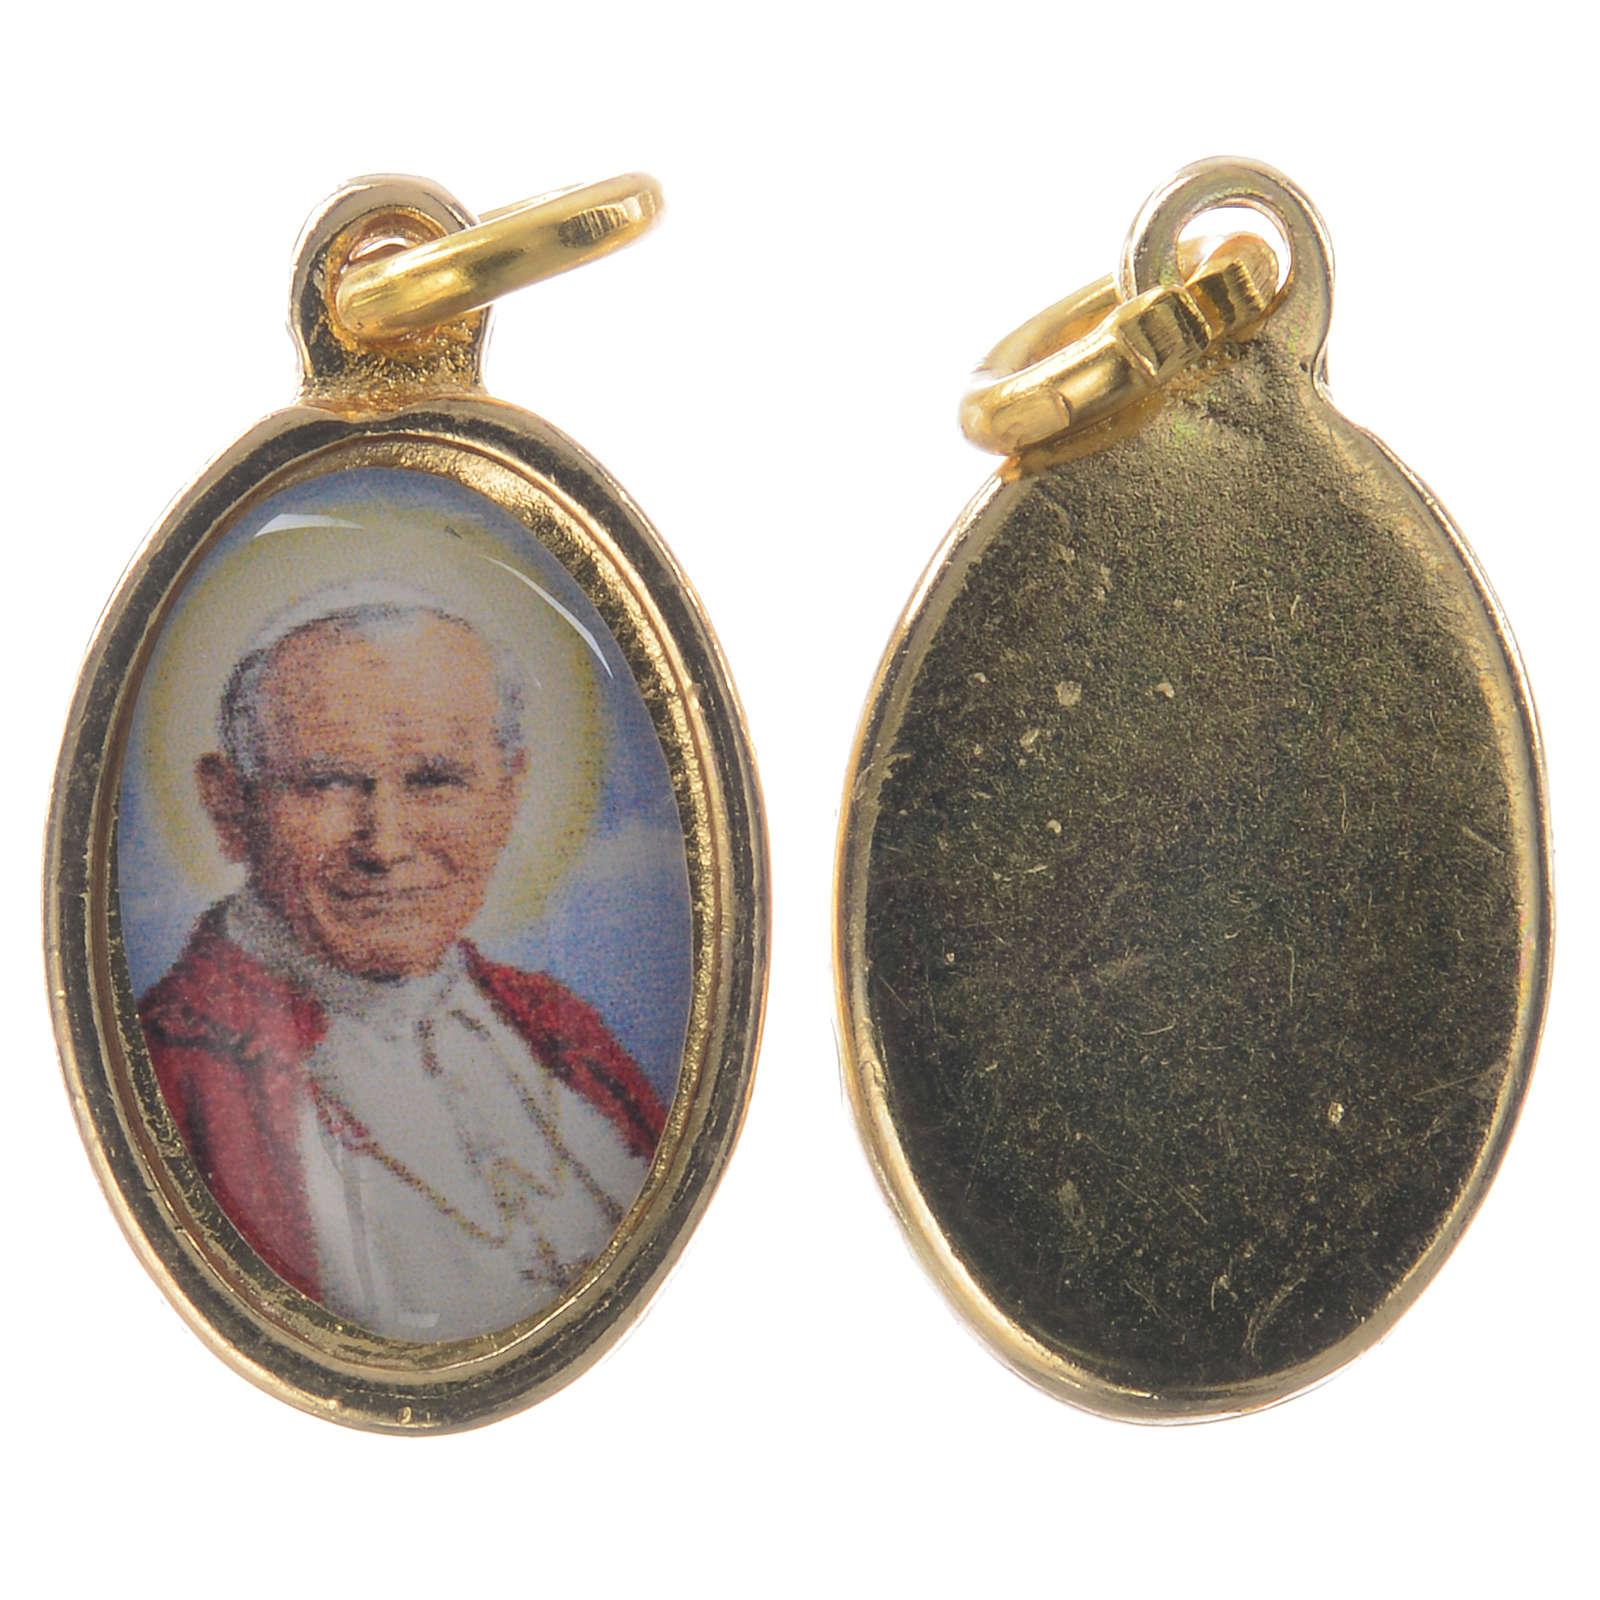 Medaglia Giovanni Paolo II metallo dorato resina 1,5x1 cm 4